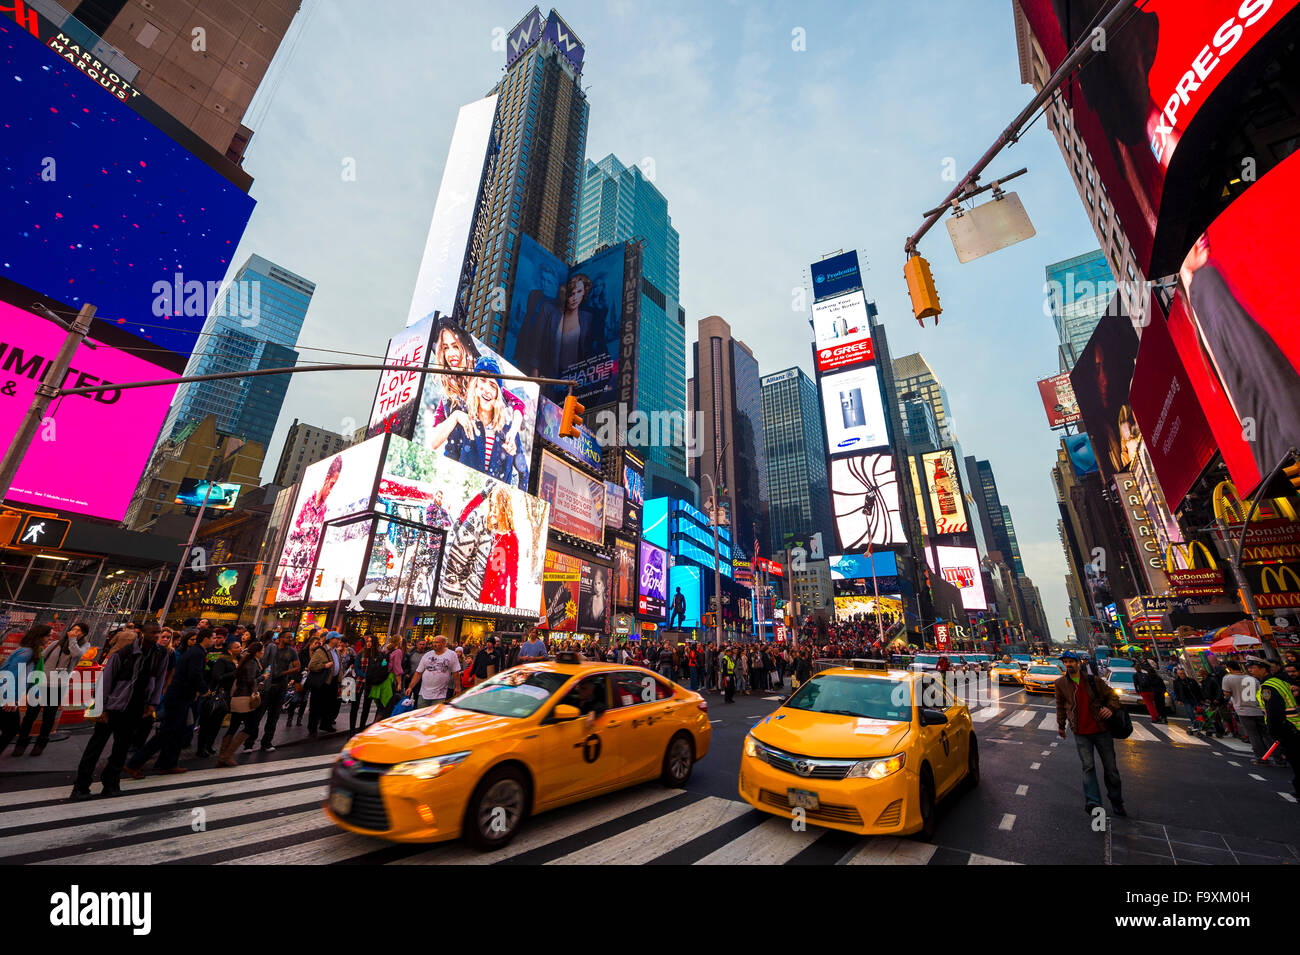 La CIUDAD DE NUEVA YORK, ESTADOS UNIDOS - 13 de diciembre de 2015: Señales luminosas parpadea en vacaciones Imagen De Stock